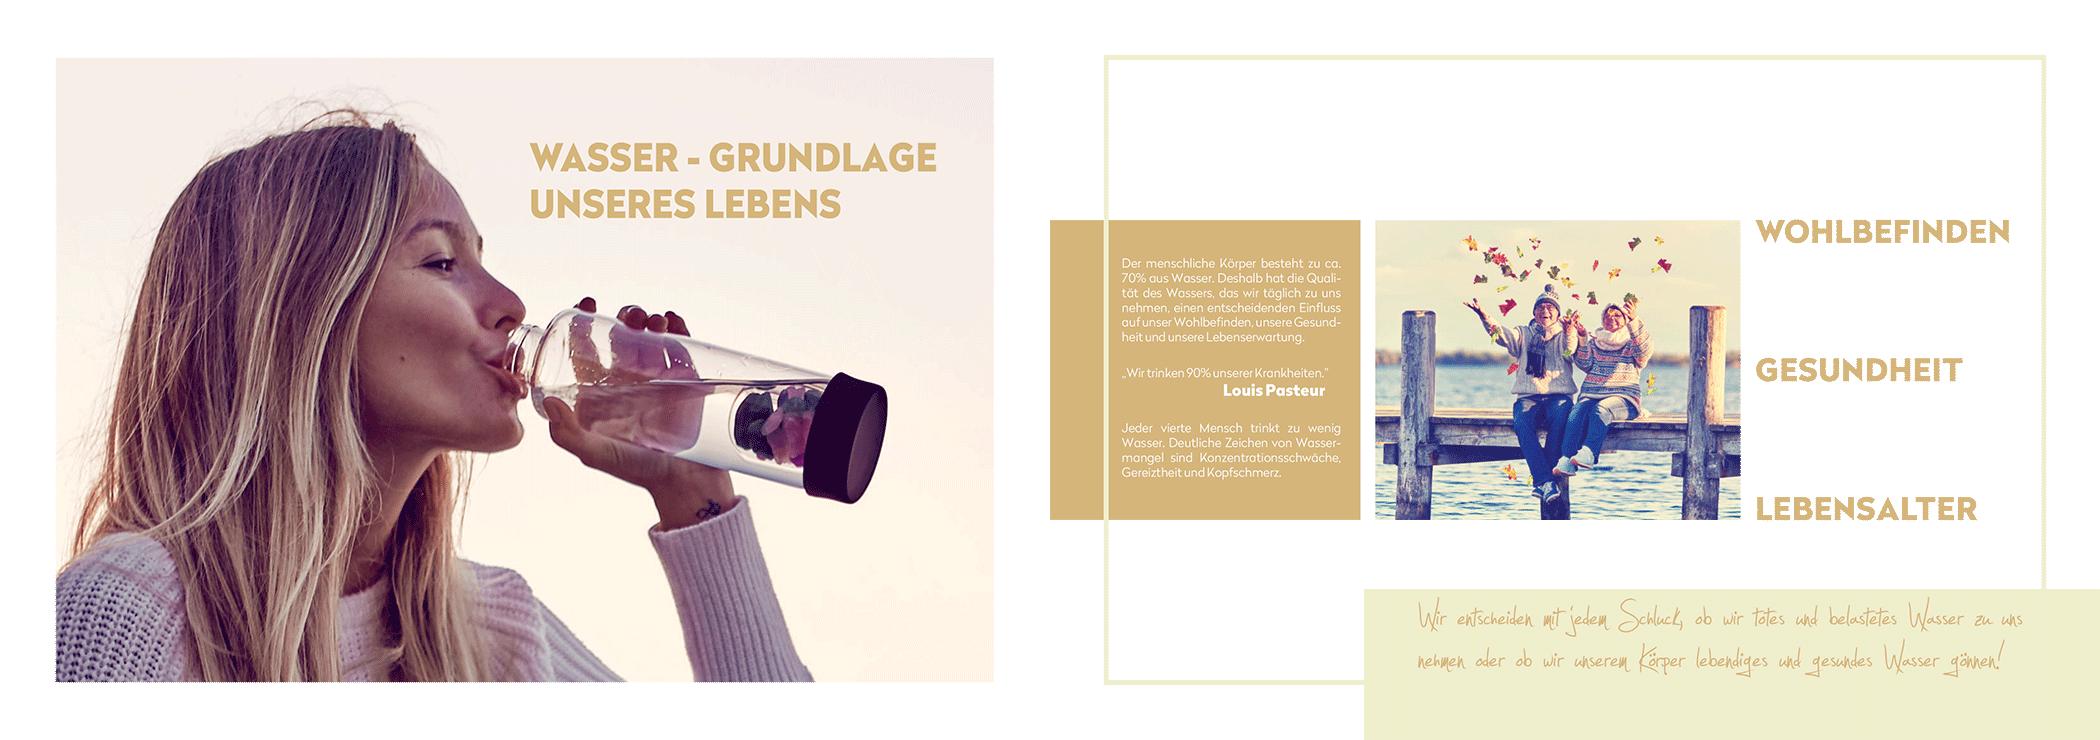 vj-booklet-german-5